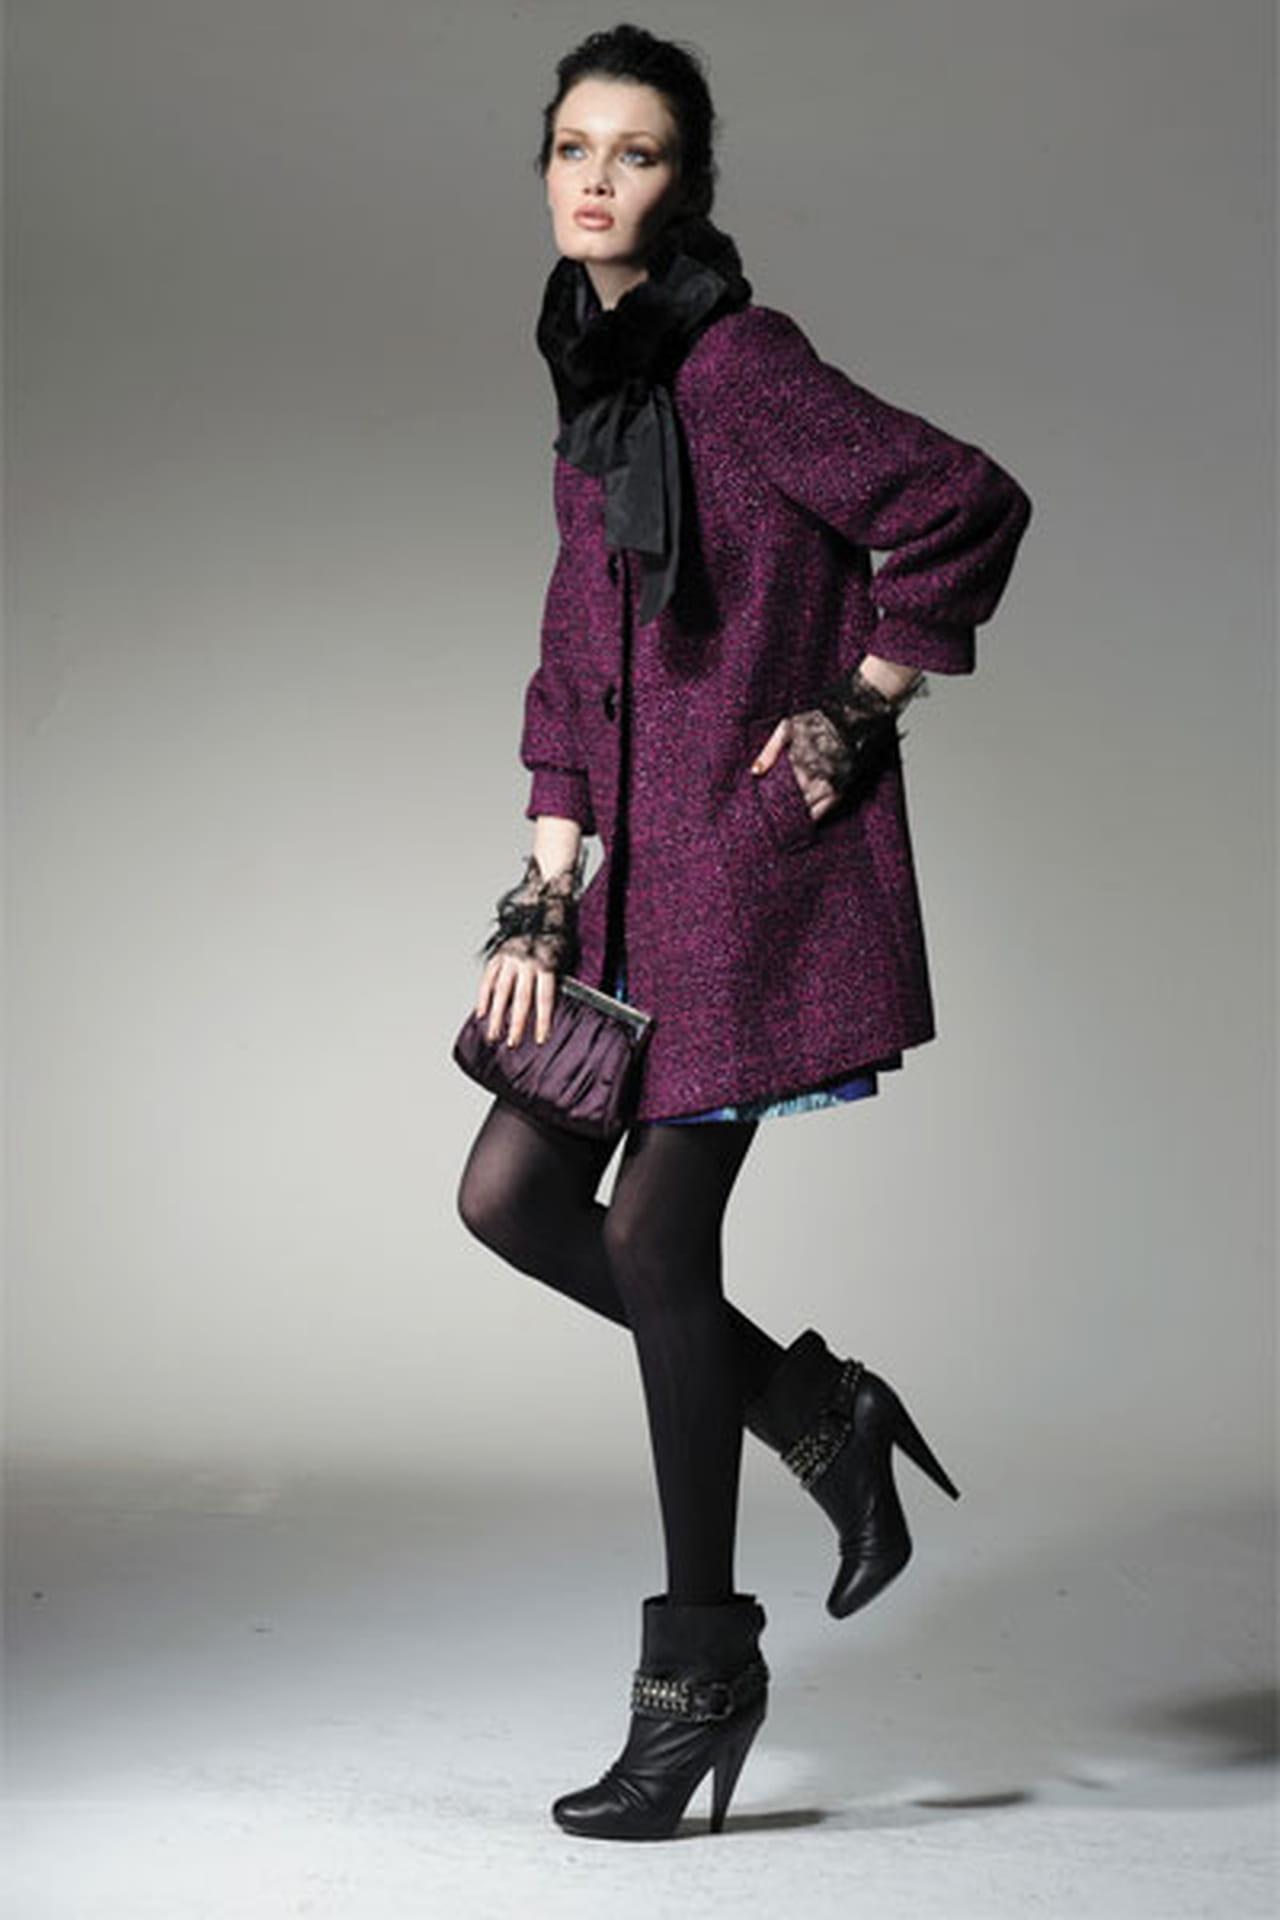 a698b340c5150 ولا يعطي المعطف الجلدي أناقته لأي معطف آخر، خصوصاً إن كان المعطف الوحيد  الذي تنوين شراءه، فما عليك سوى إختيار المعطف الجلدي بالقصة الكلاسيكية أو  المعطف ...